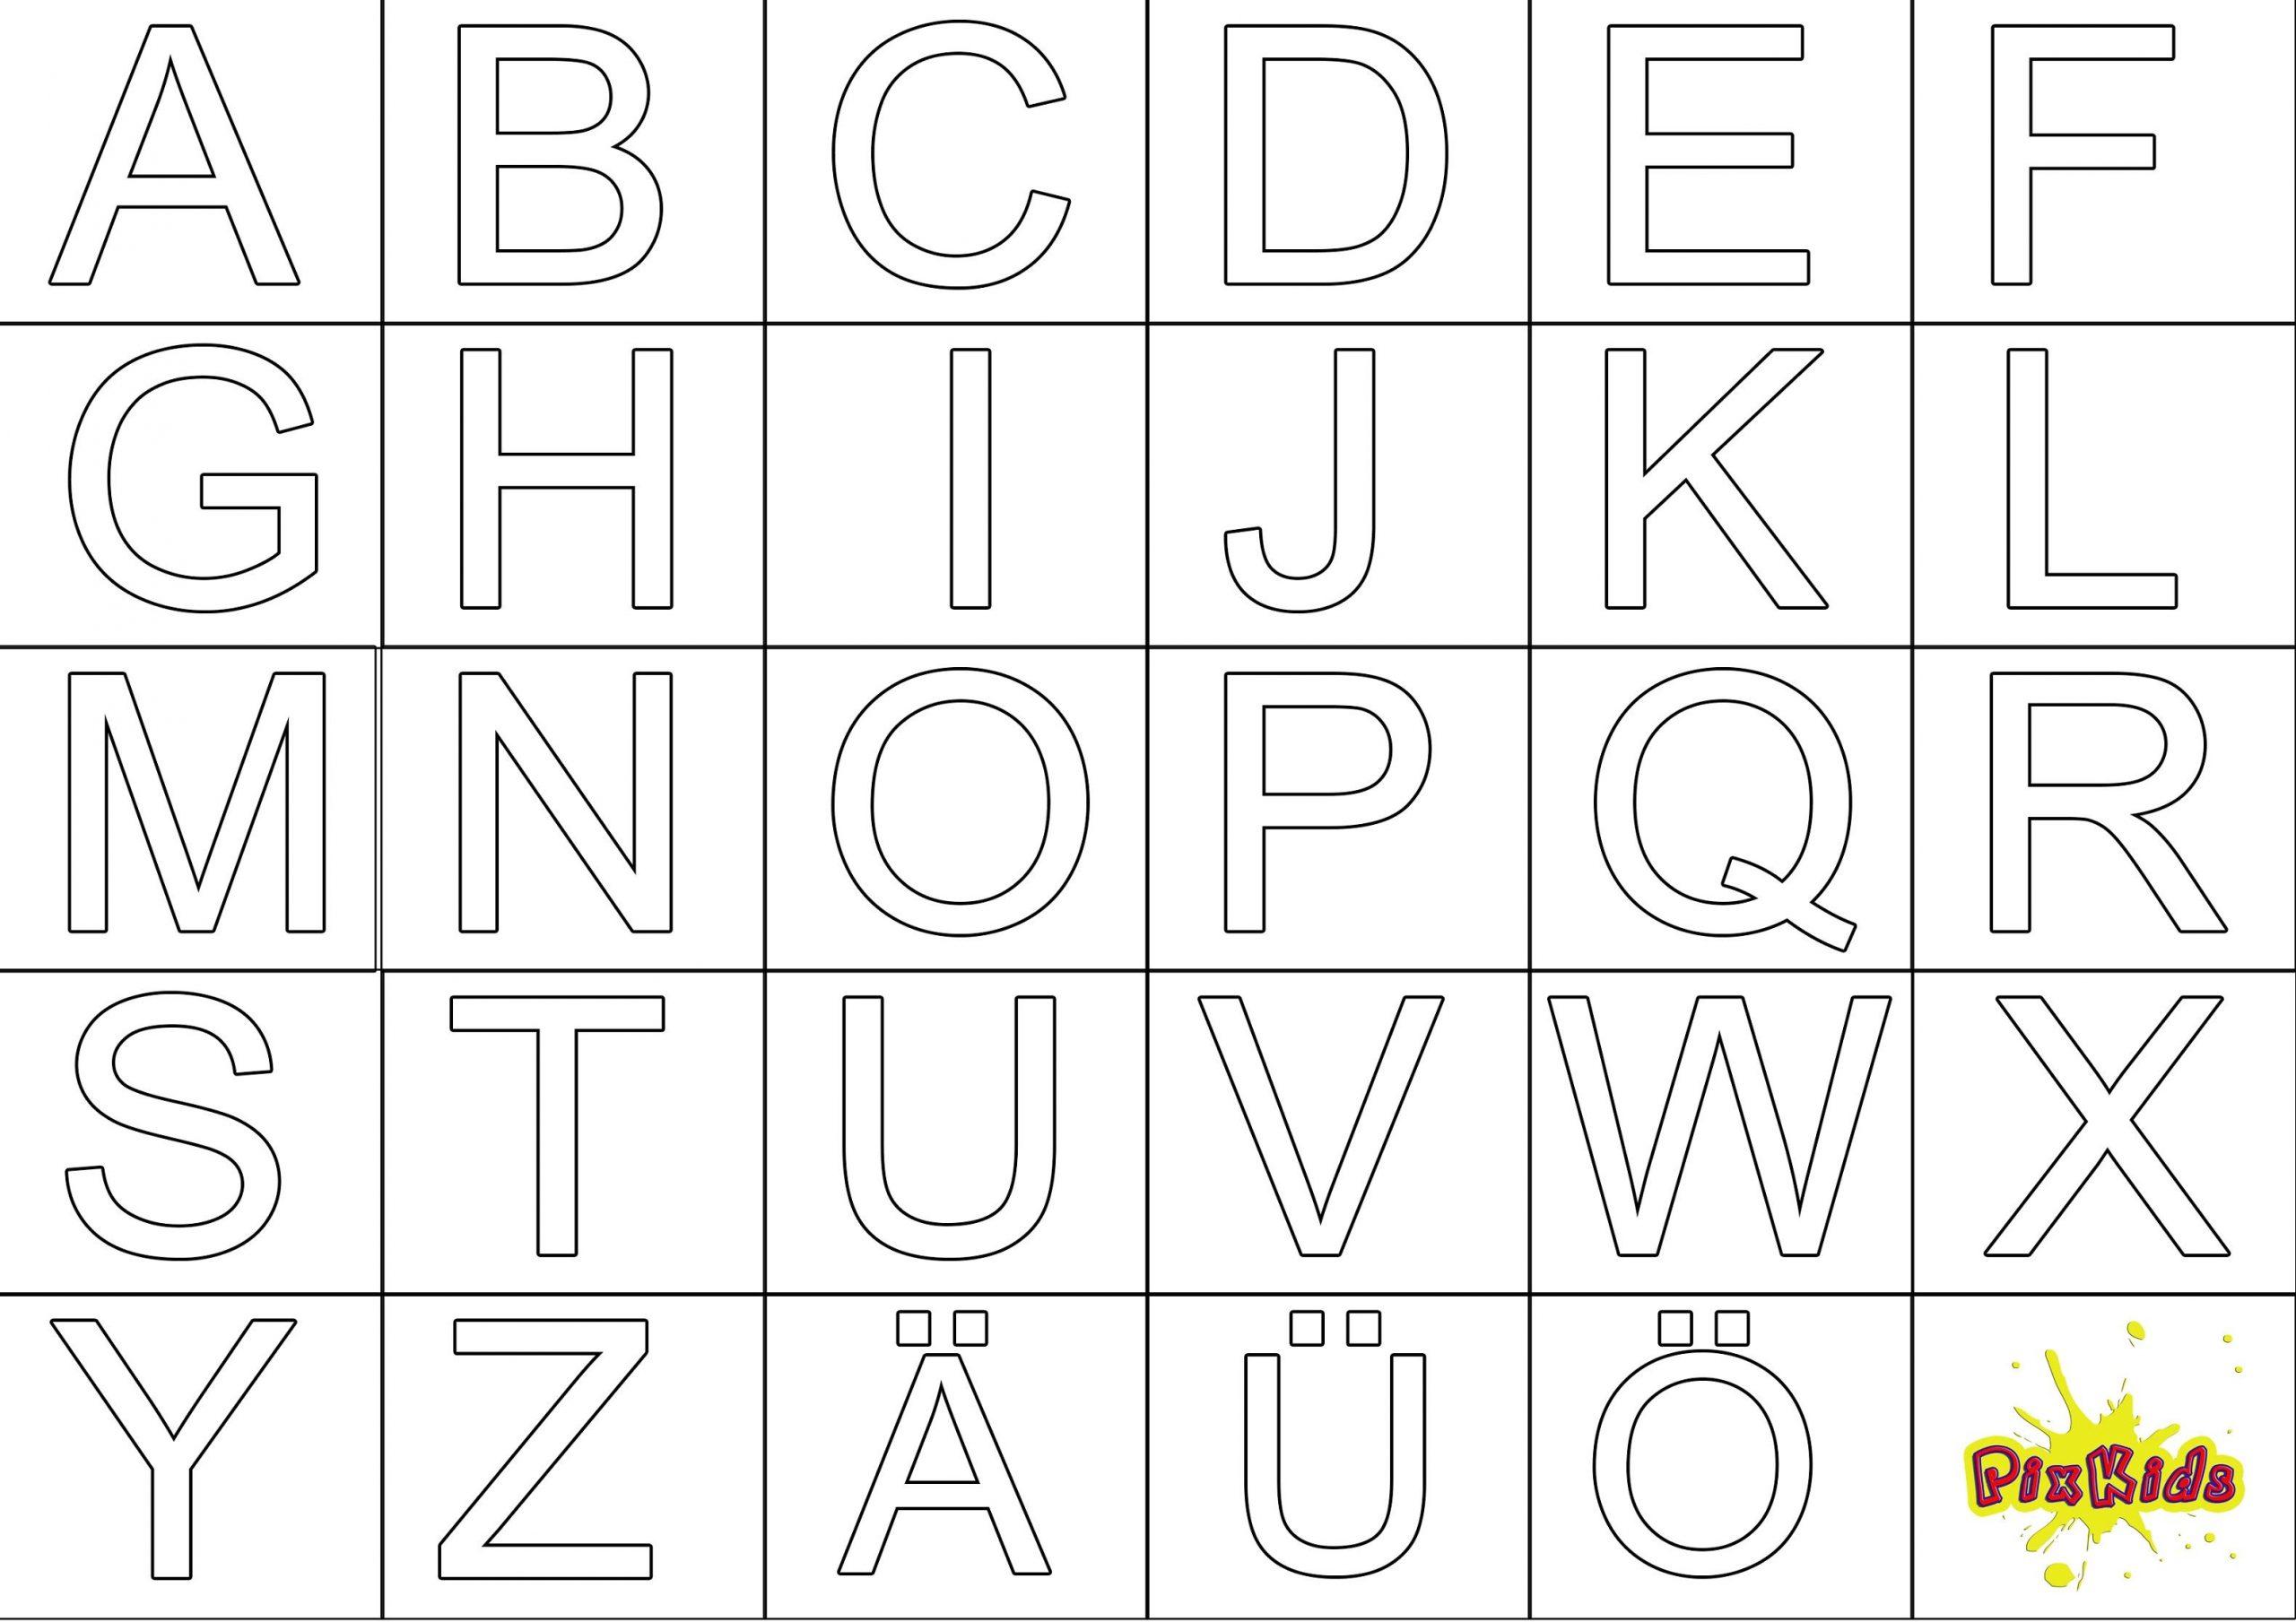 Ausmalbild Abc   Buchstaben Vorlagen Zum Ausdrucken verwandt mit Ausmalbilder Buchstaben Kostenlos